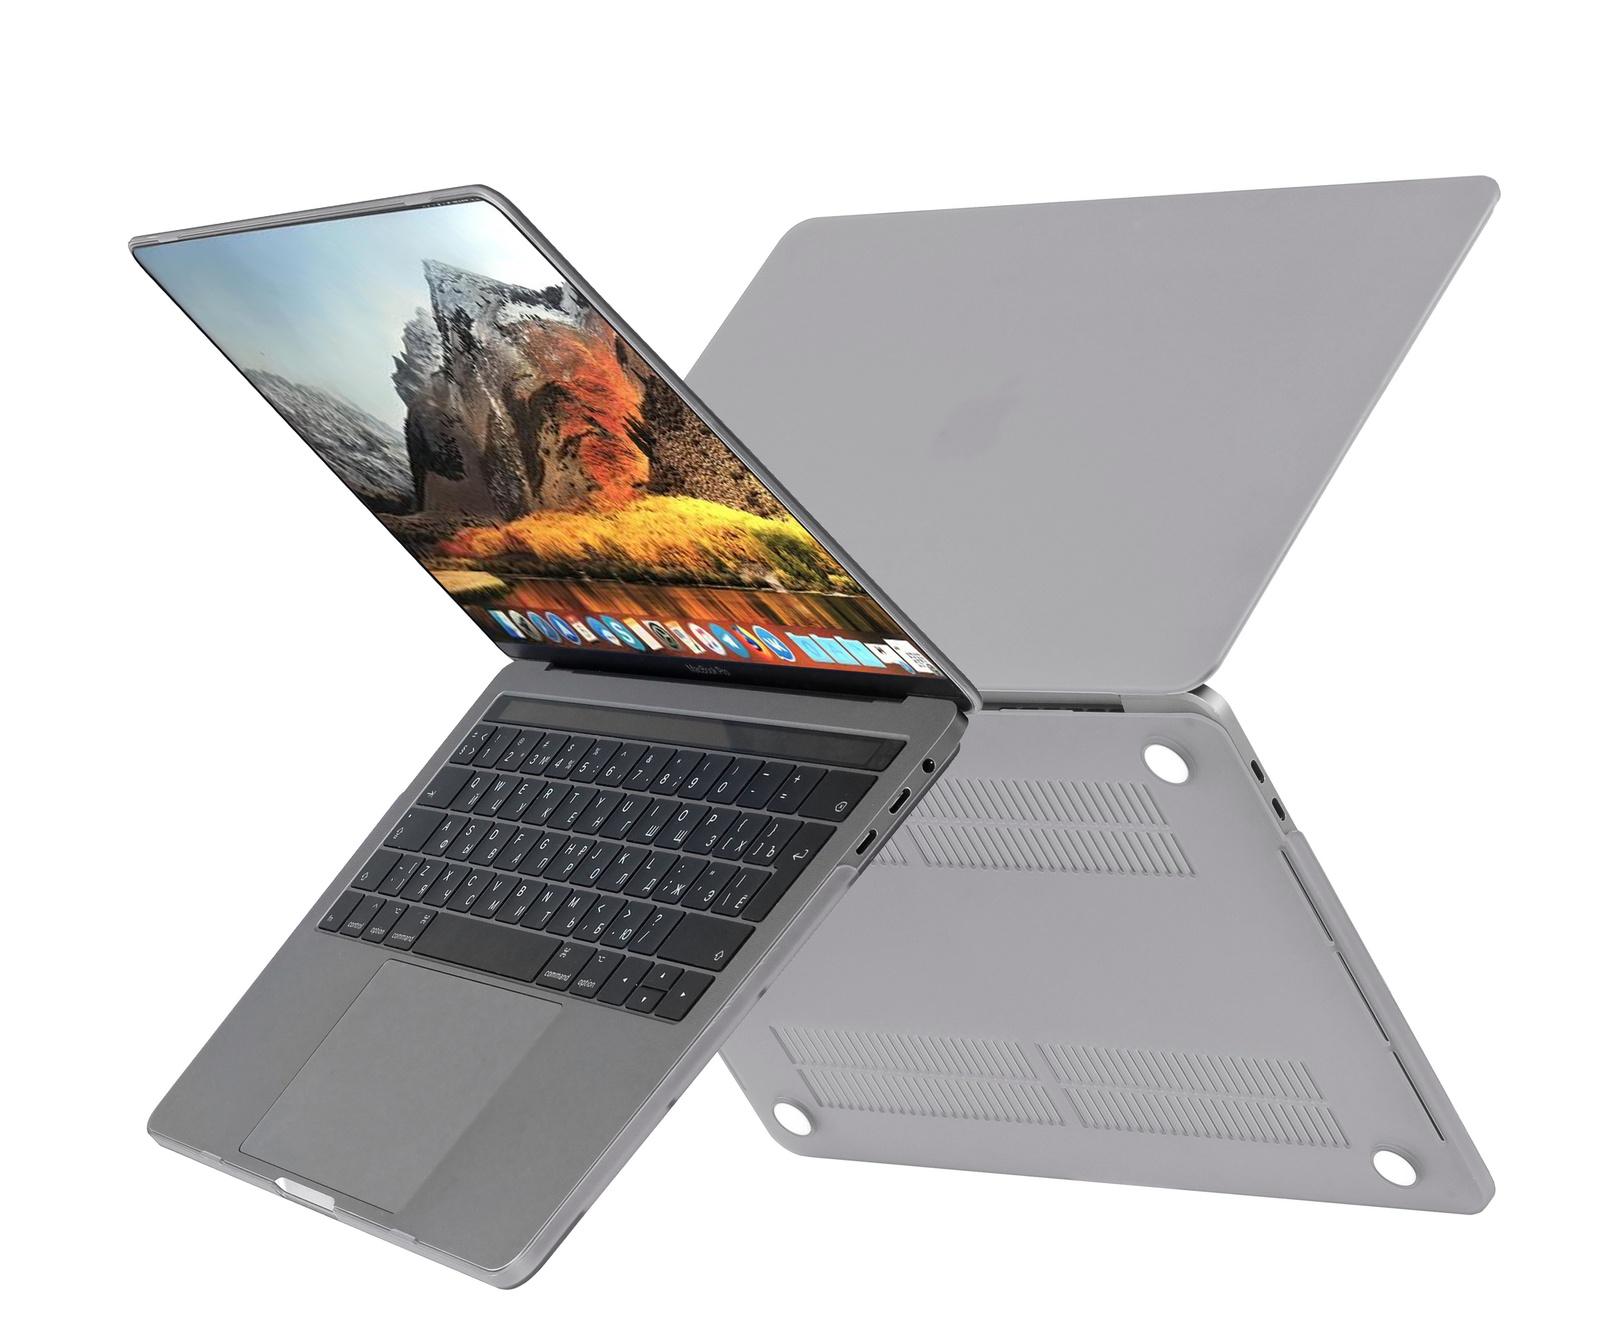 Чехол HardShell Case для Macbook Air 11, светло серый office для macbook air